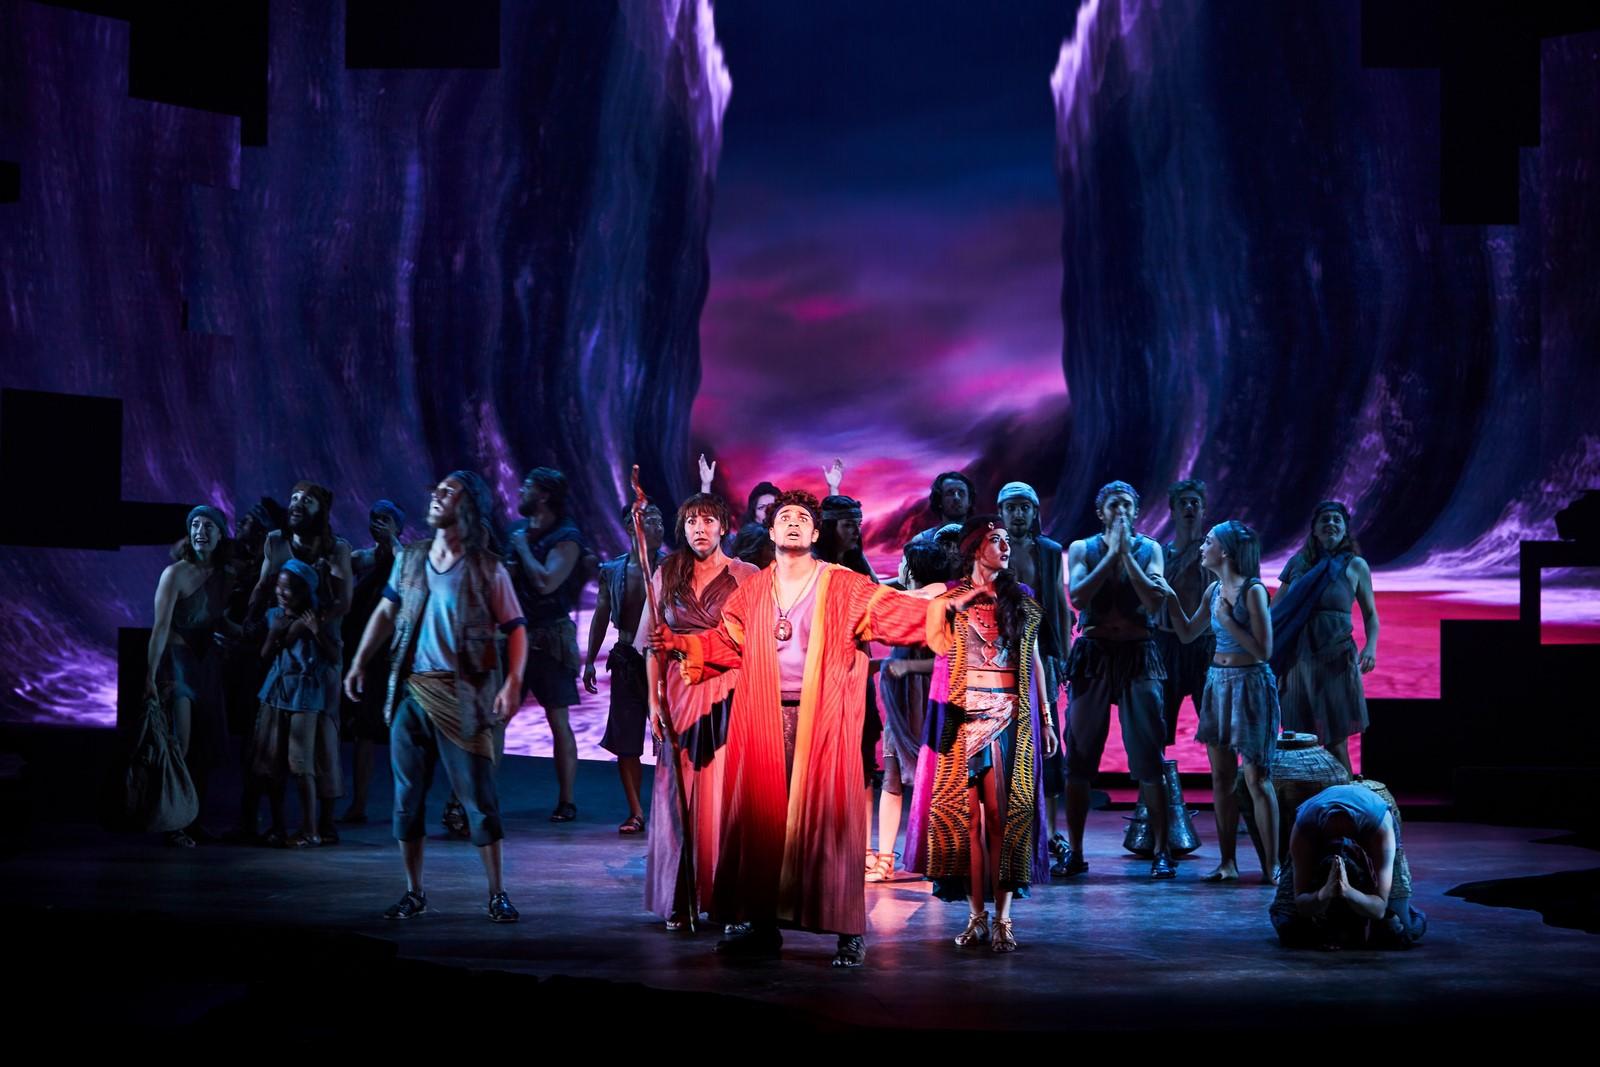 Anmeldelse (re-anmeldelse): Prinsen af Egypten, Det Kongelige Teater (Fredericia Teater)